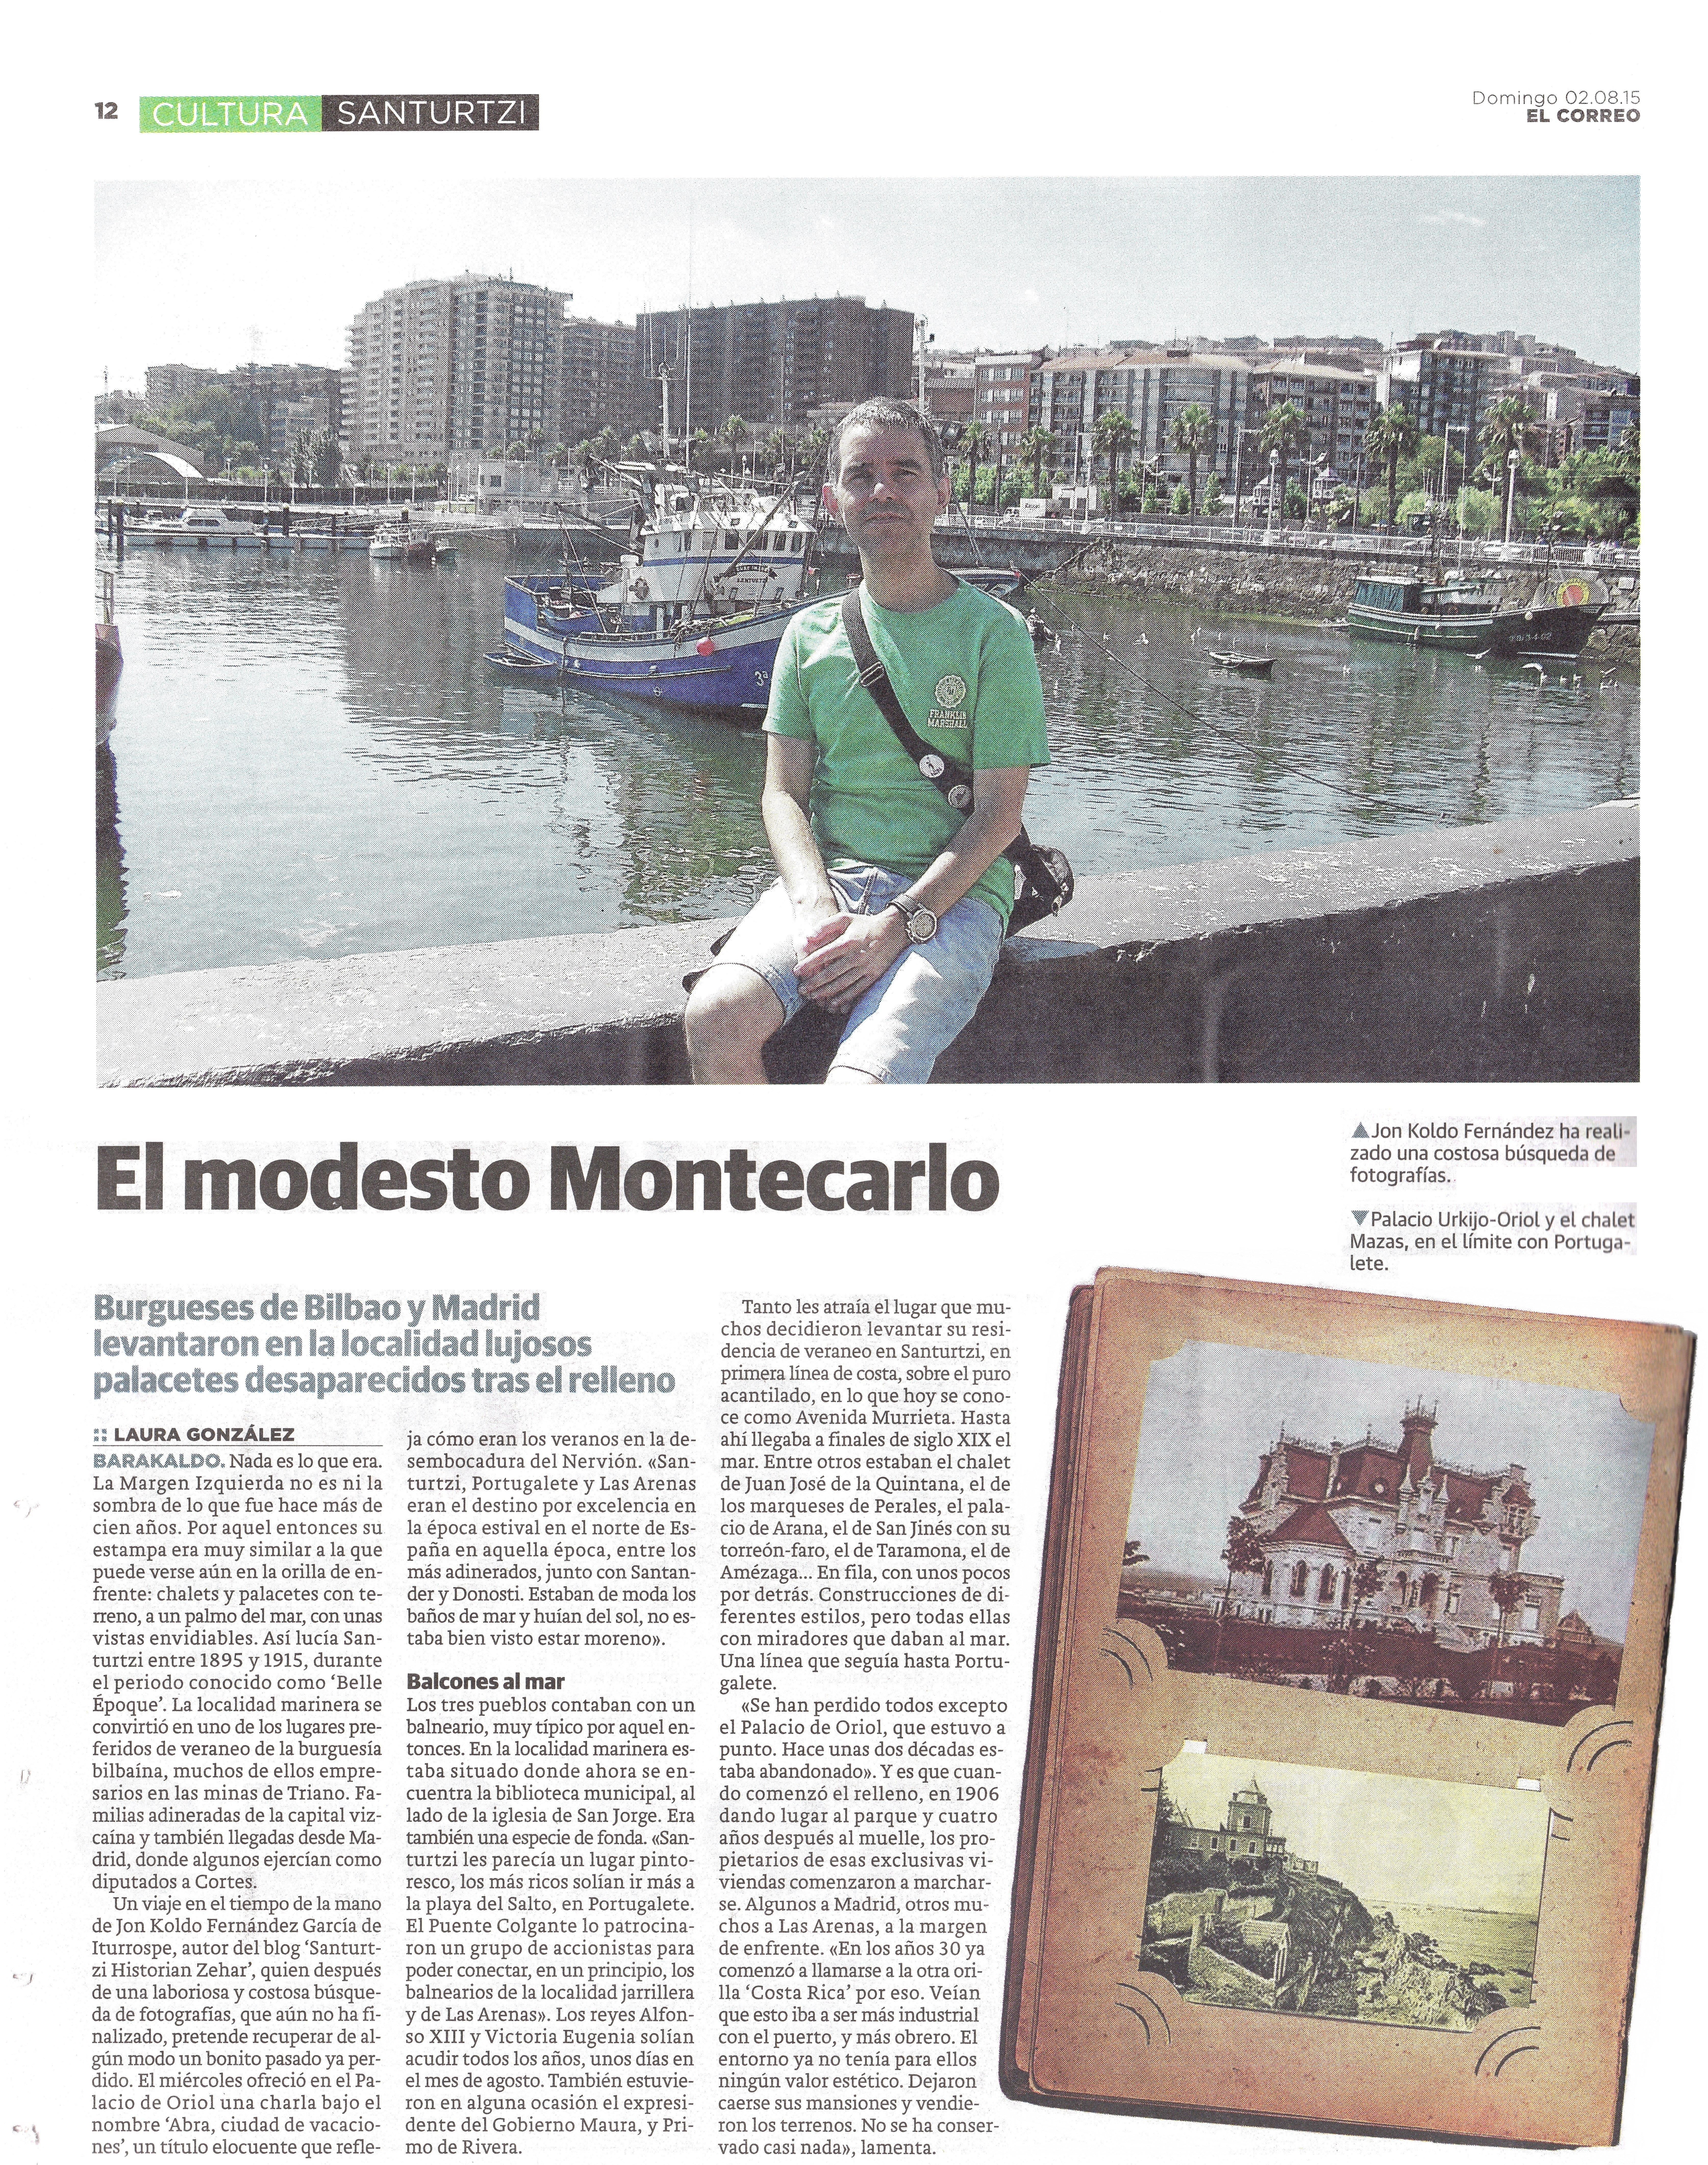 El modesto Montecarlo